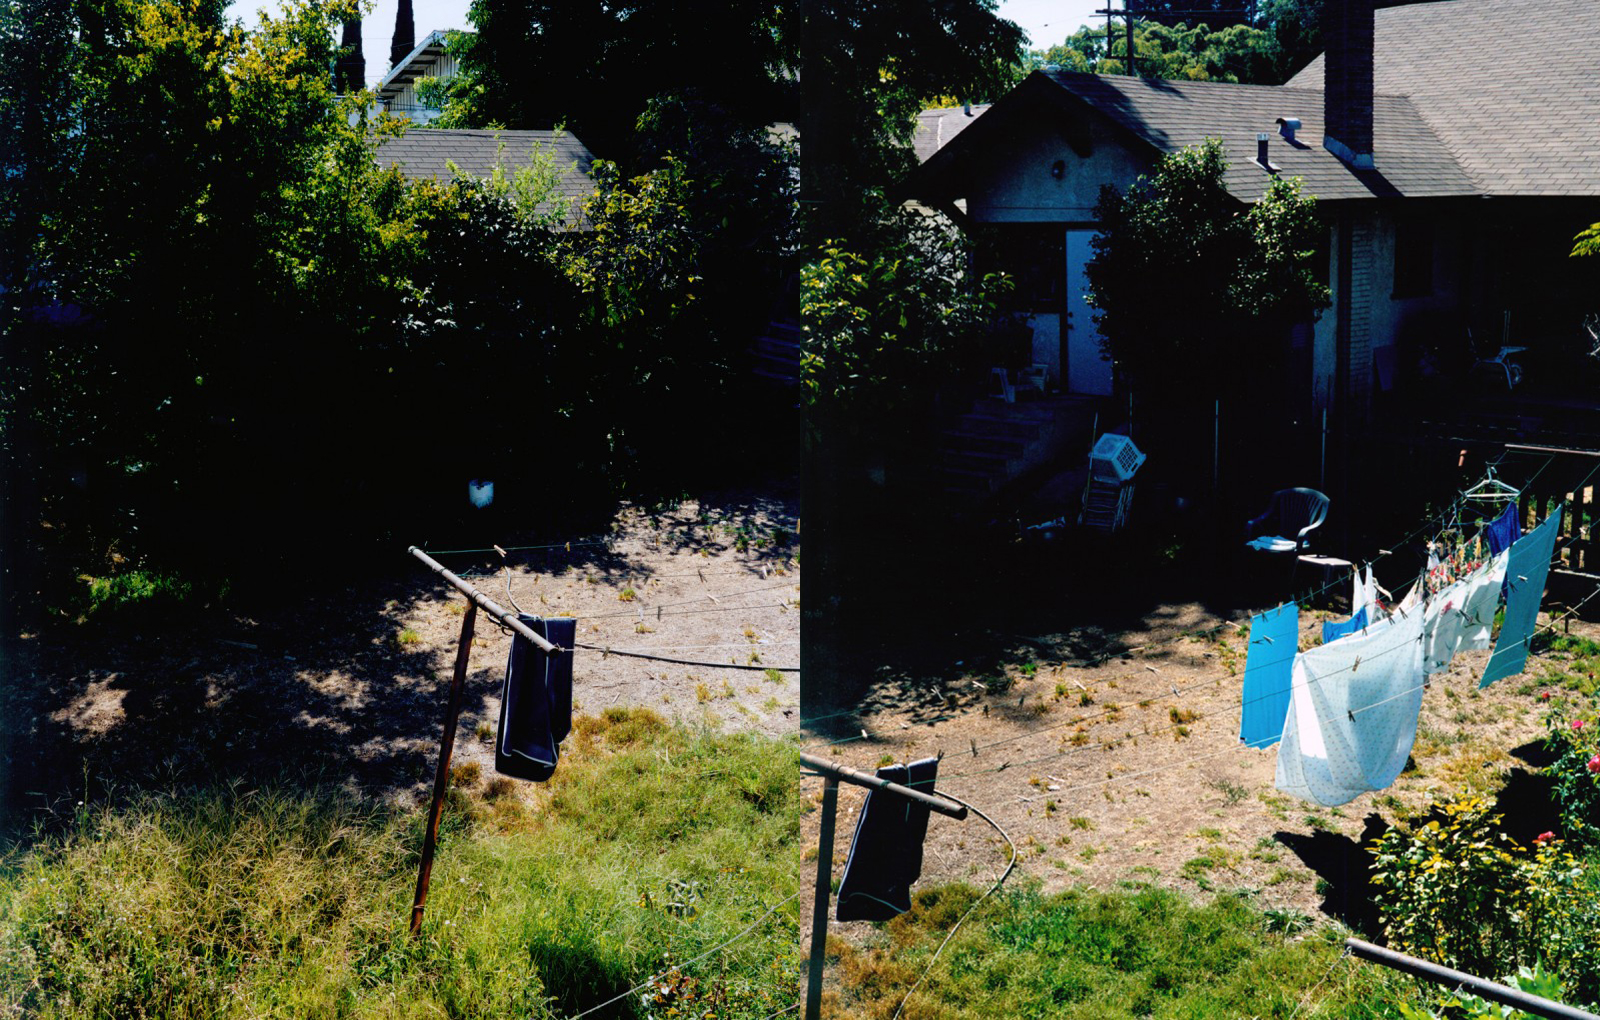 ec_backyard_22-23.jpg